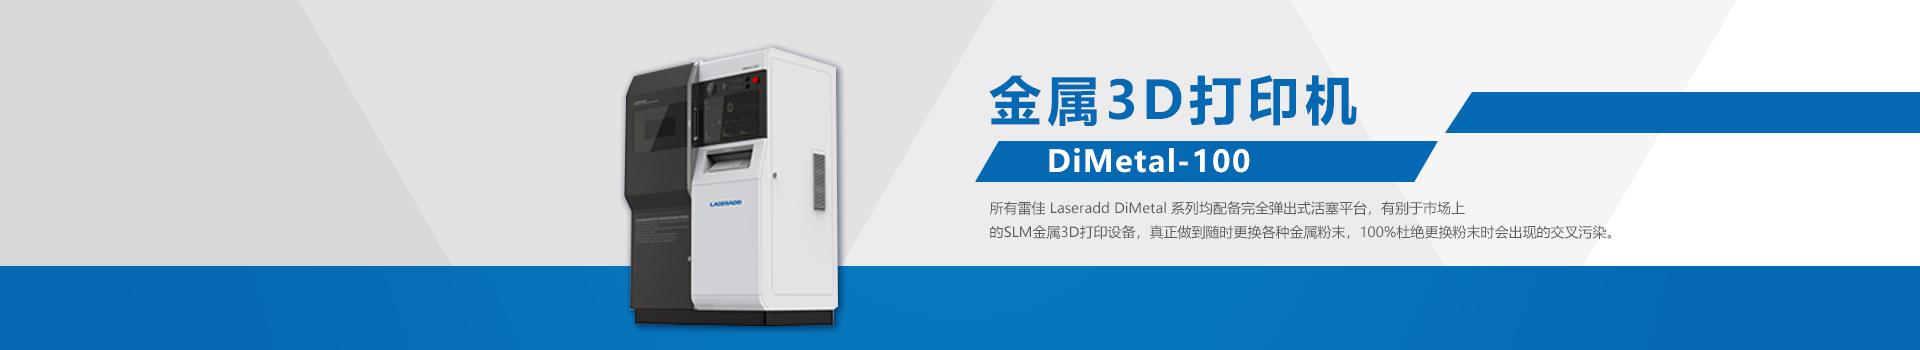 DiMetal-100 金属3D打印机